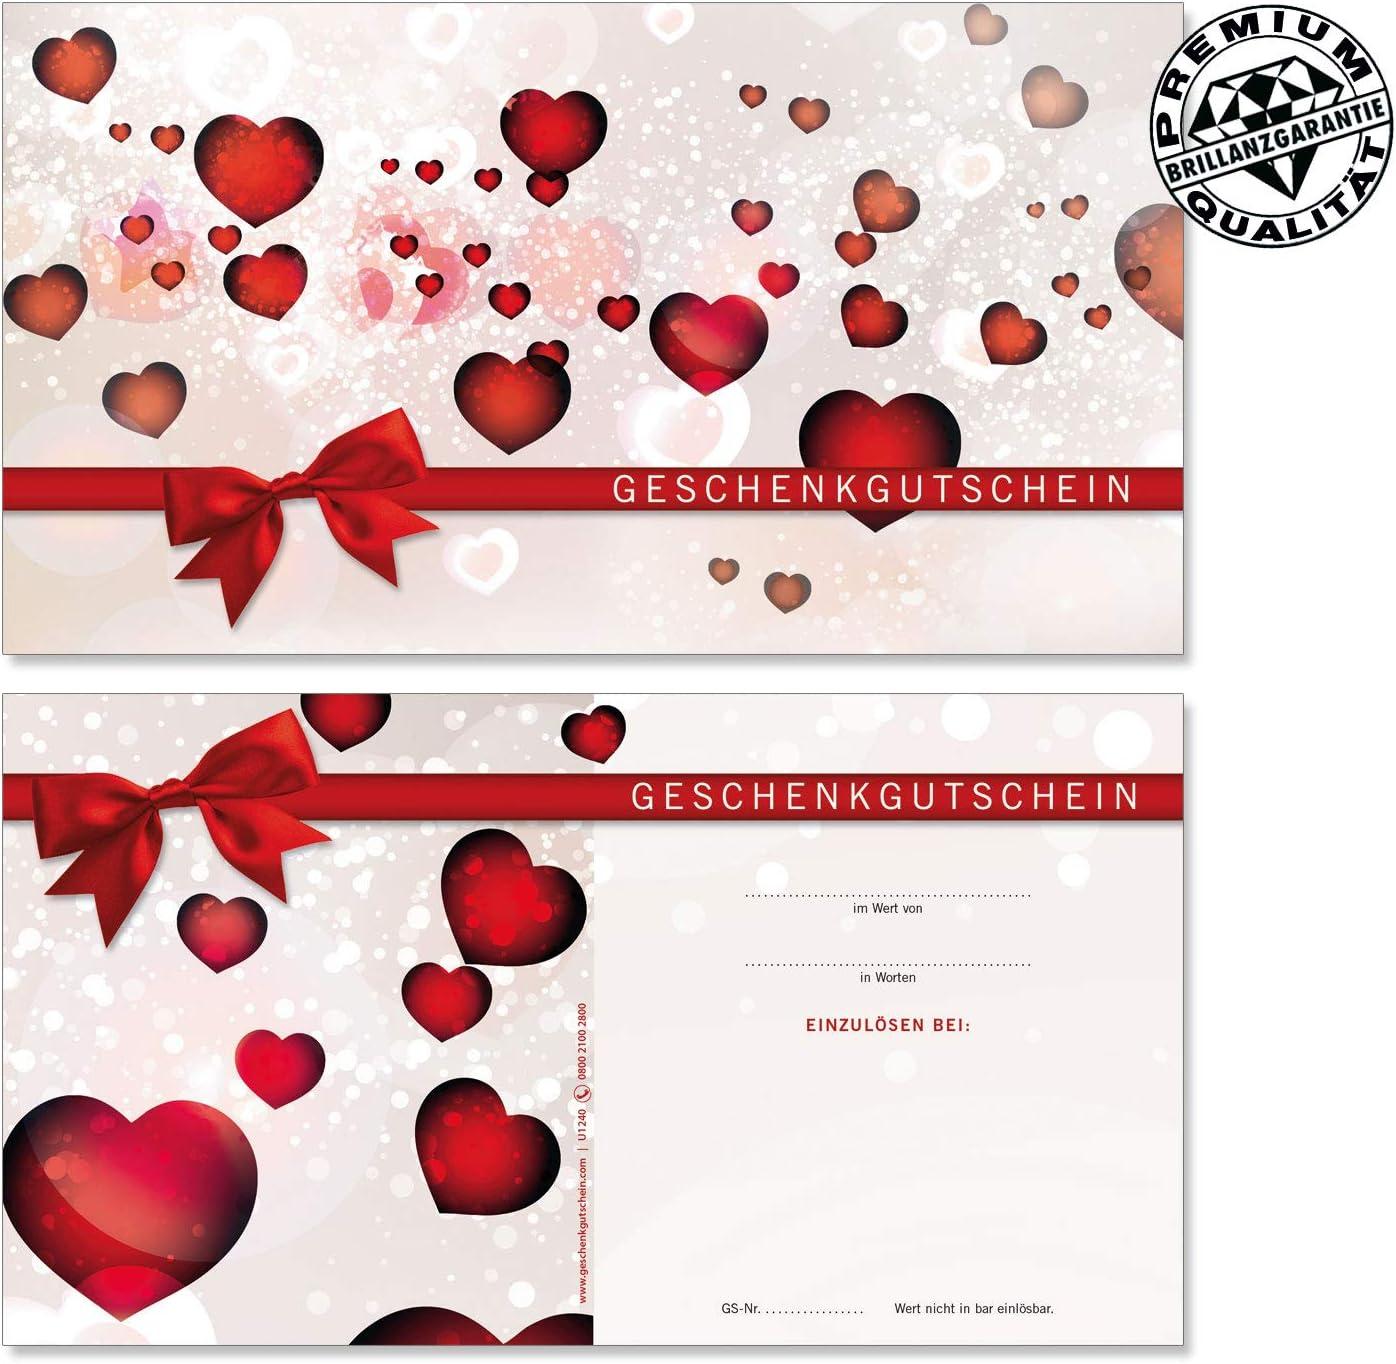 10 Schleifen U1240 Gutscheine f/ür Muttertag Valentinstag 10 hochwertige Gutscheinkarten 10 Kuverts